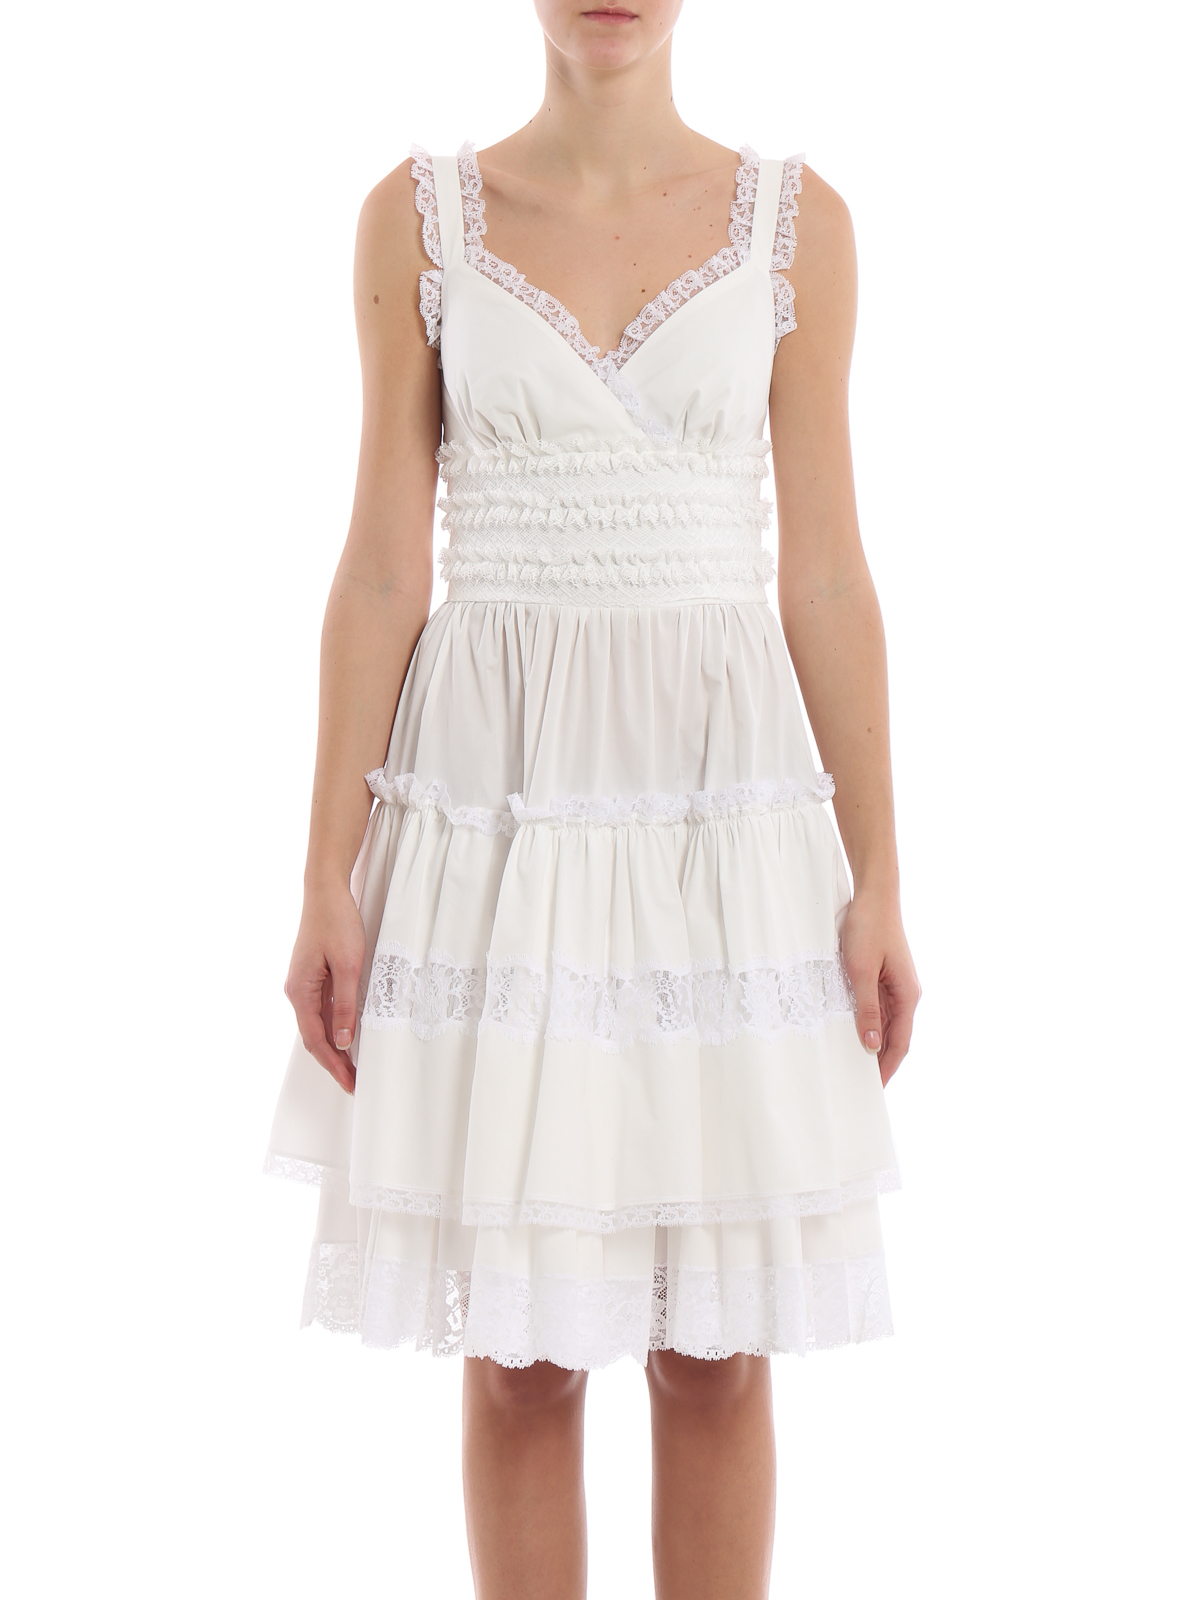 Dolce & Gabbana - Knielanges Kleid - Weiß - Knielange Kleider